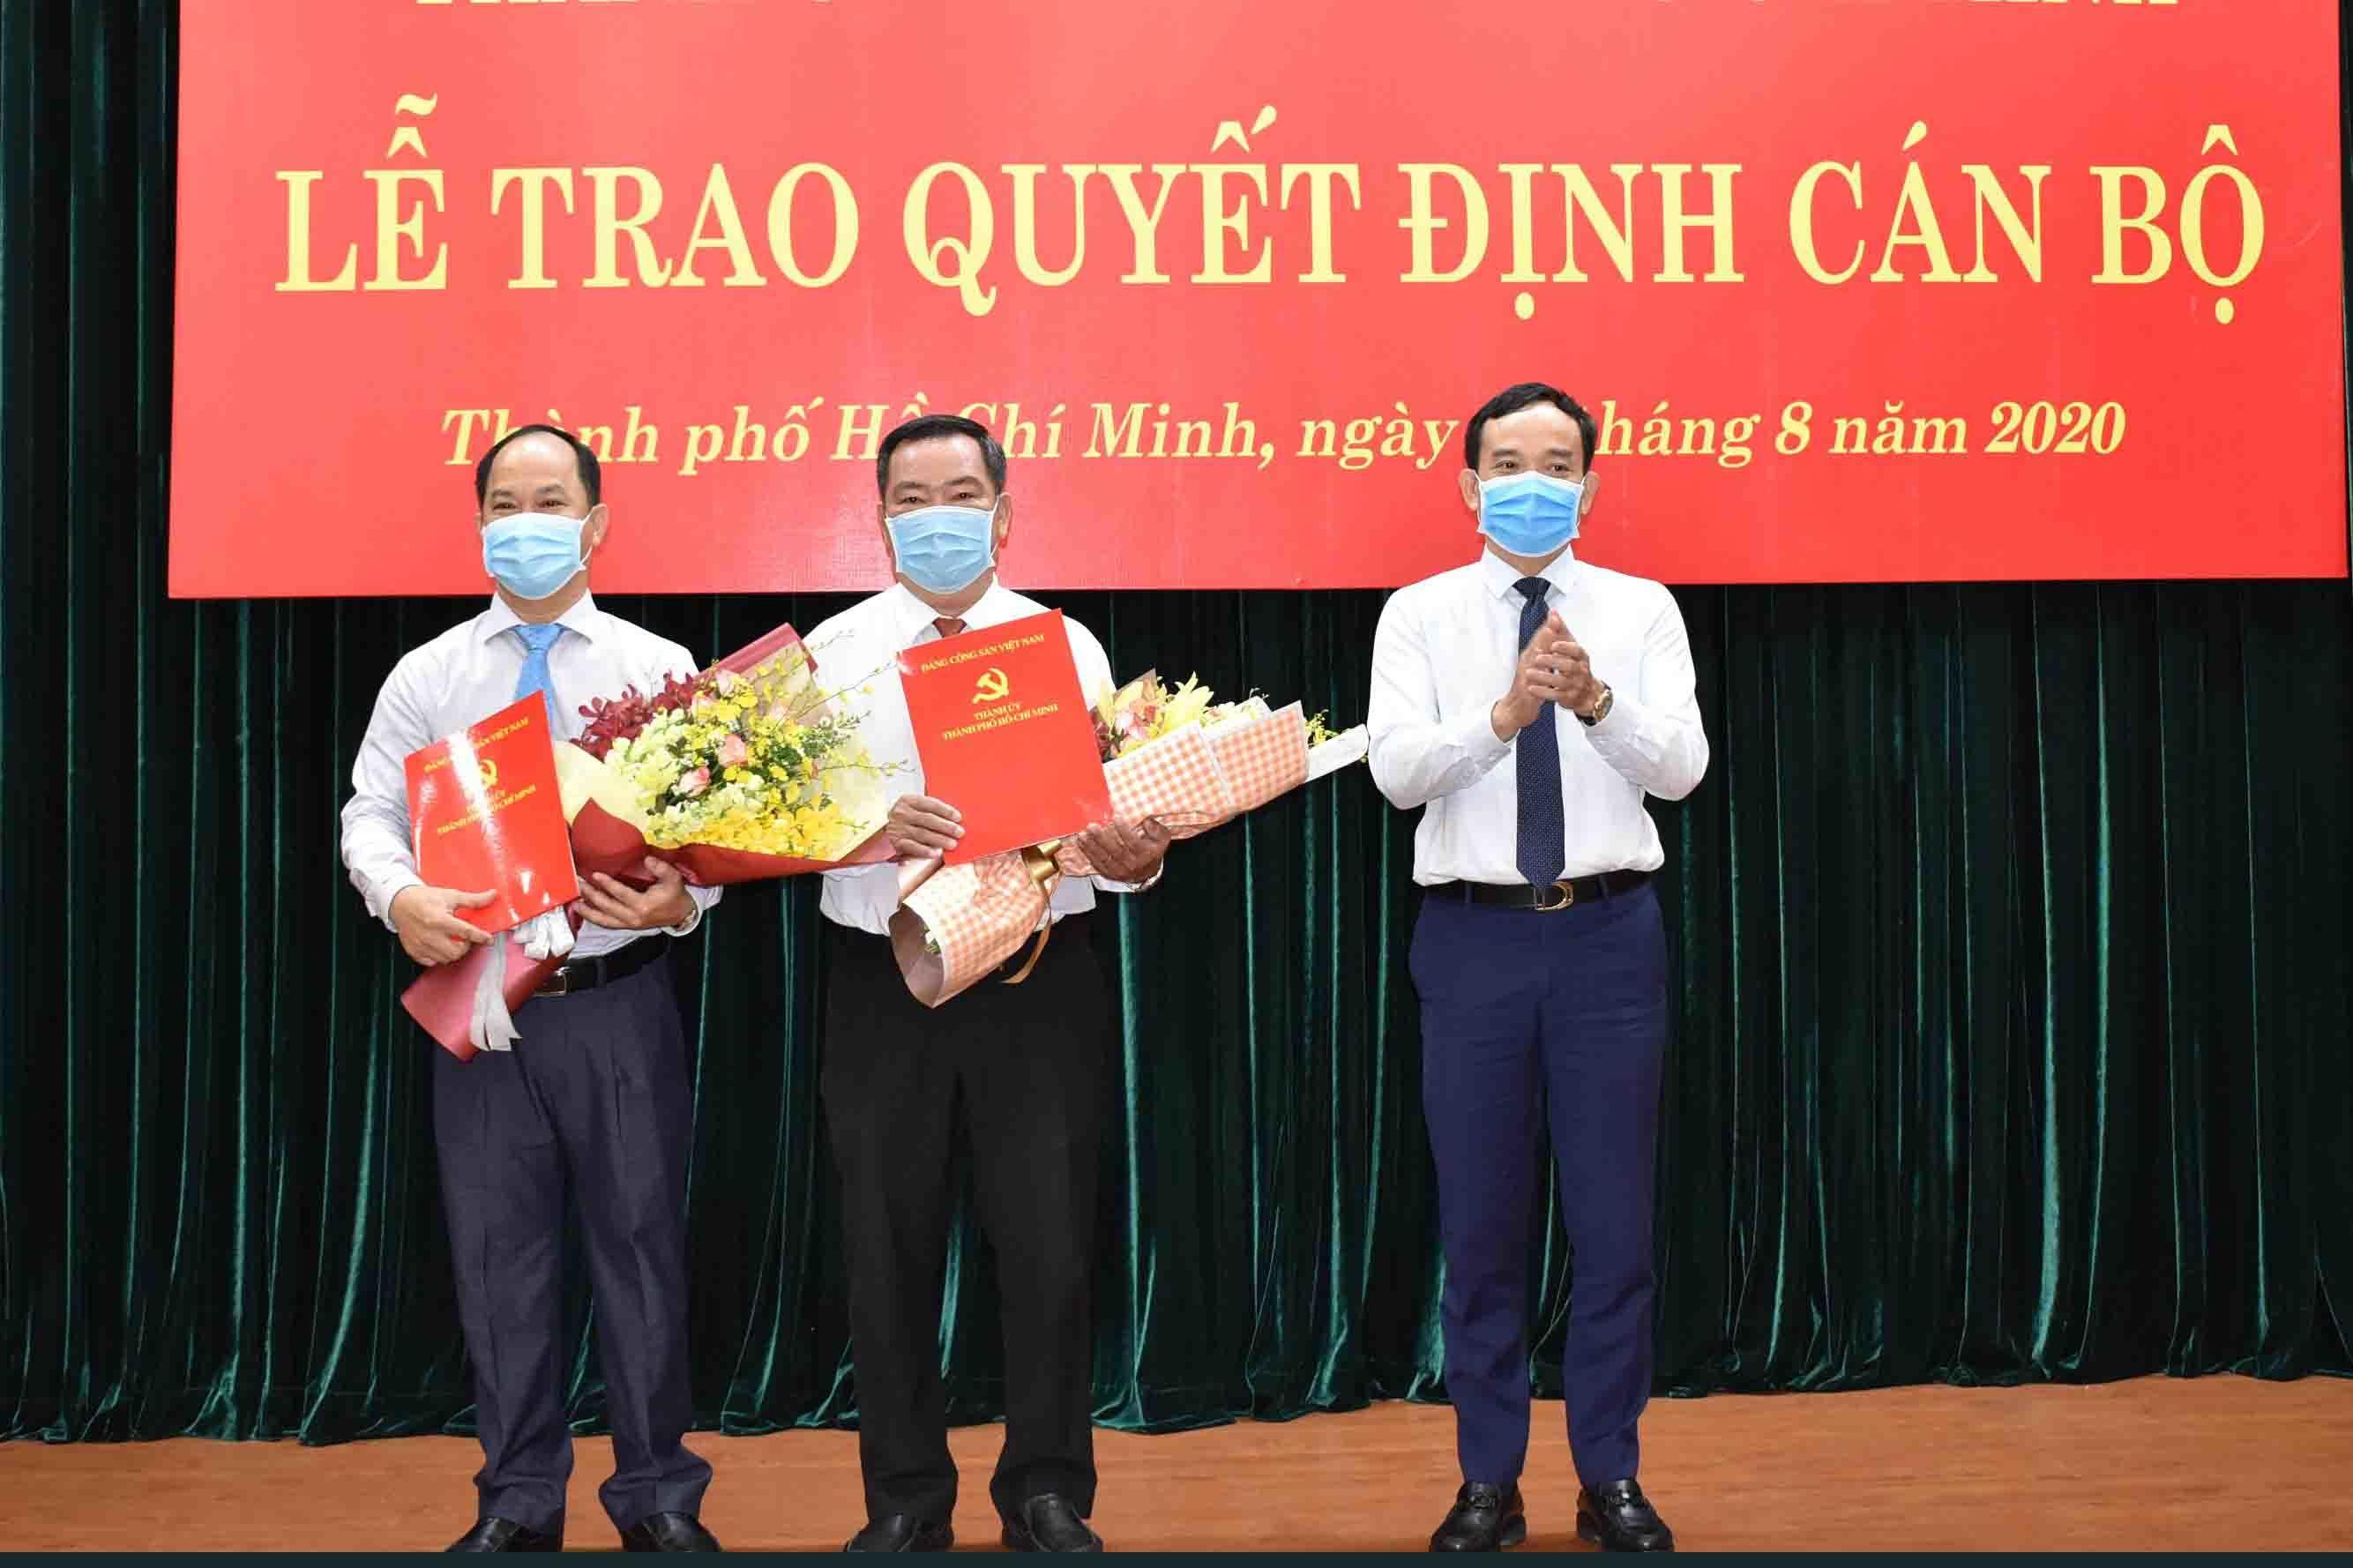 Ông Lê Đức Thanh được bầu làm Chủ tịch UBND Quận 2